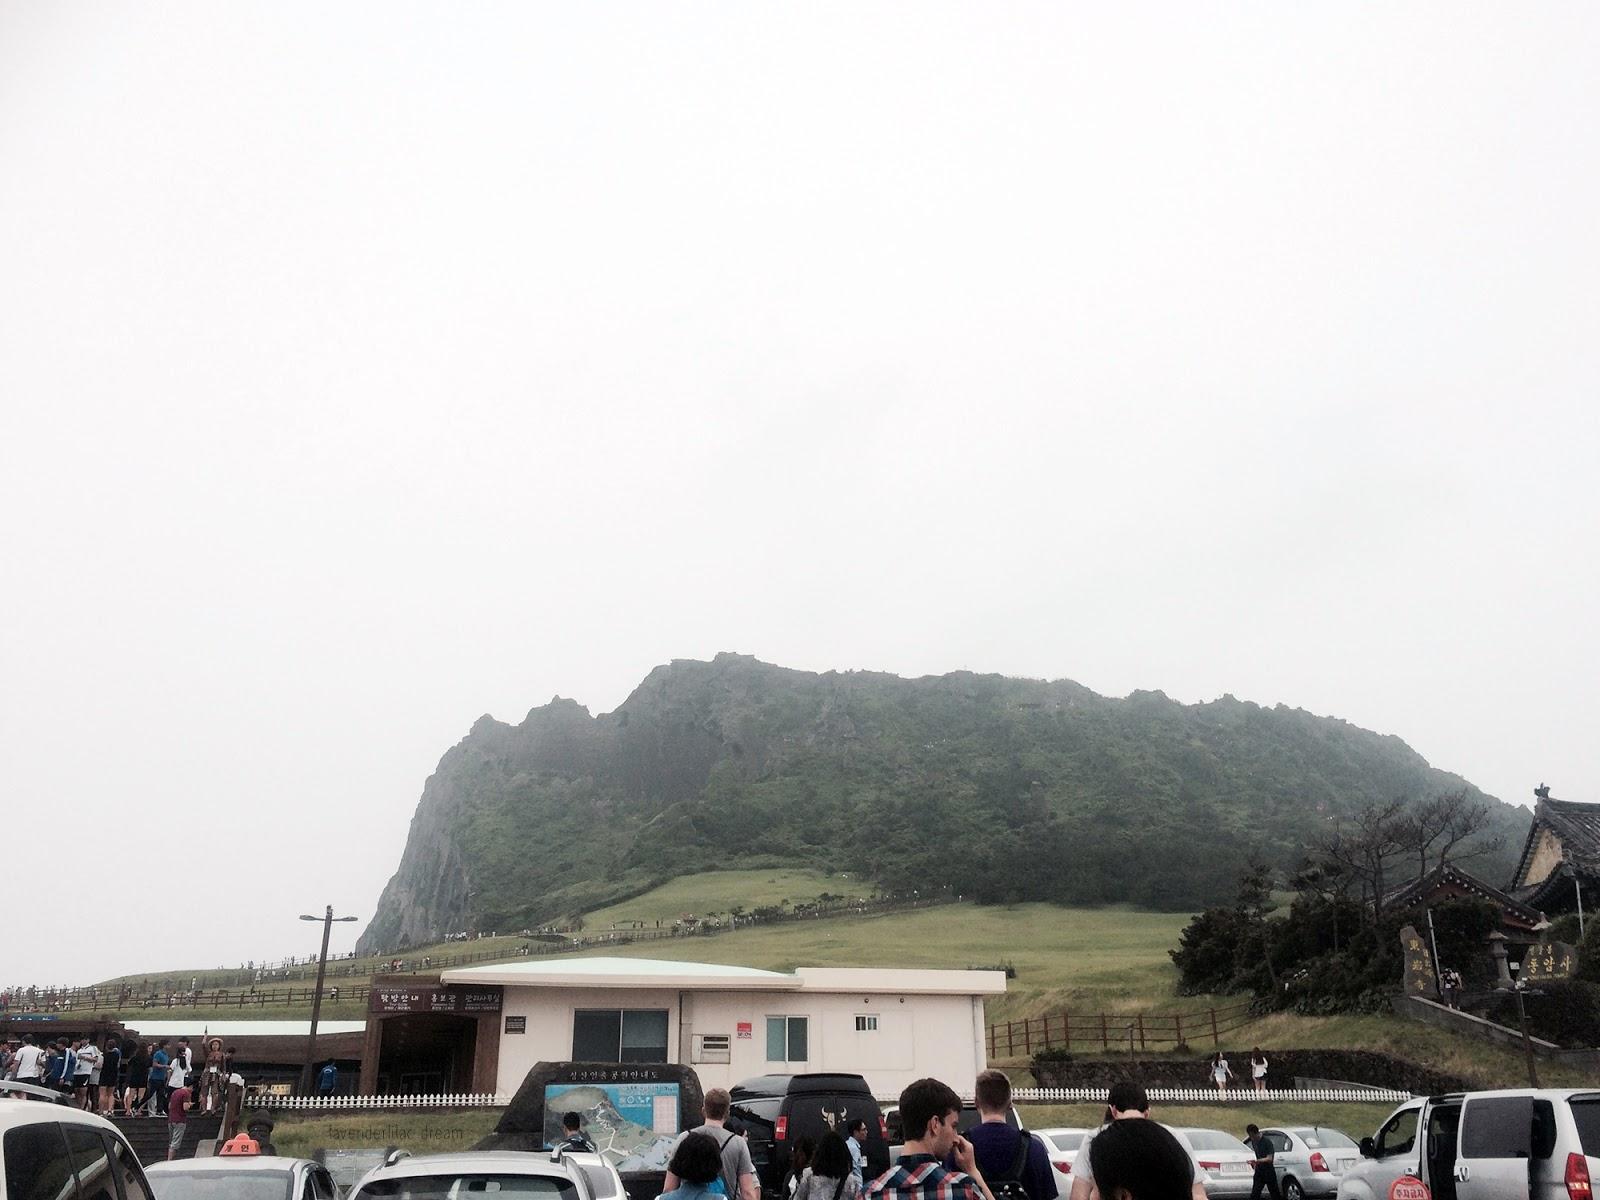 South Korea, Jeju Island, Yonsei University, YISS 2014, Sunrise Peak